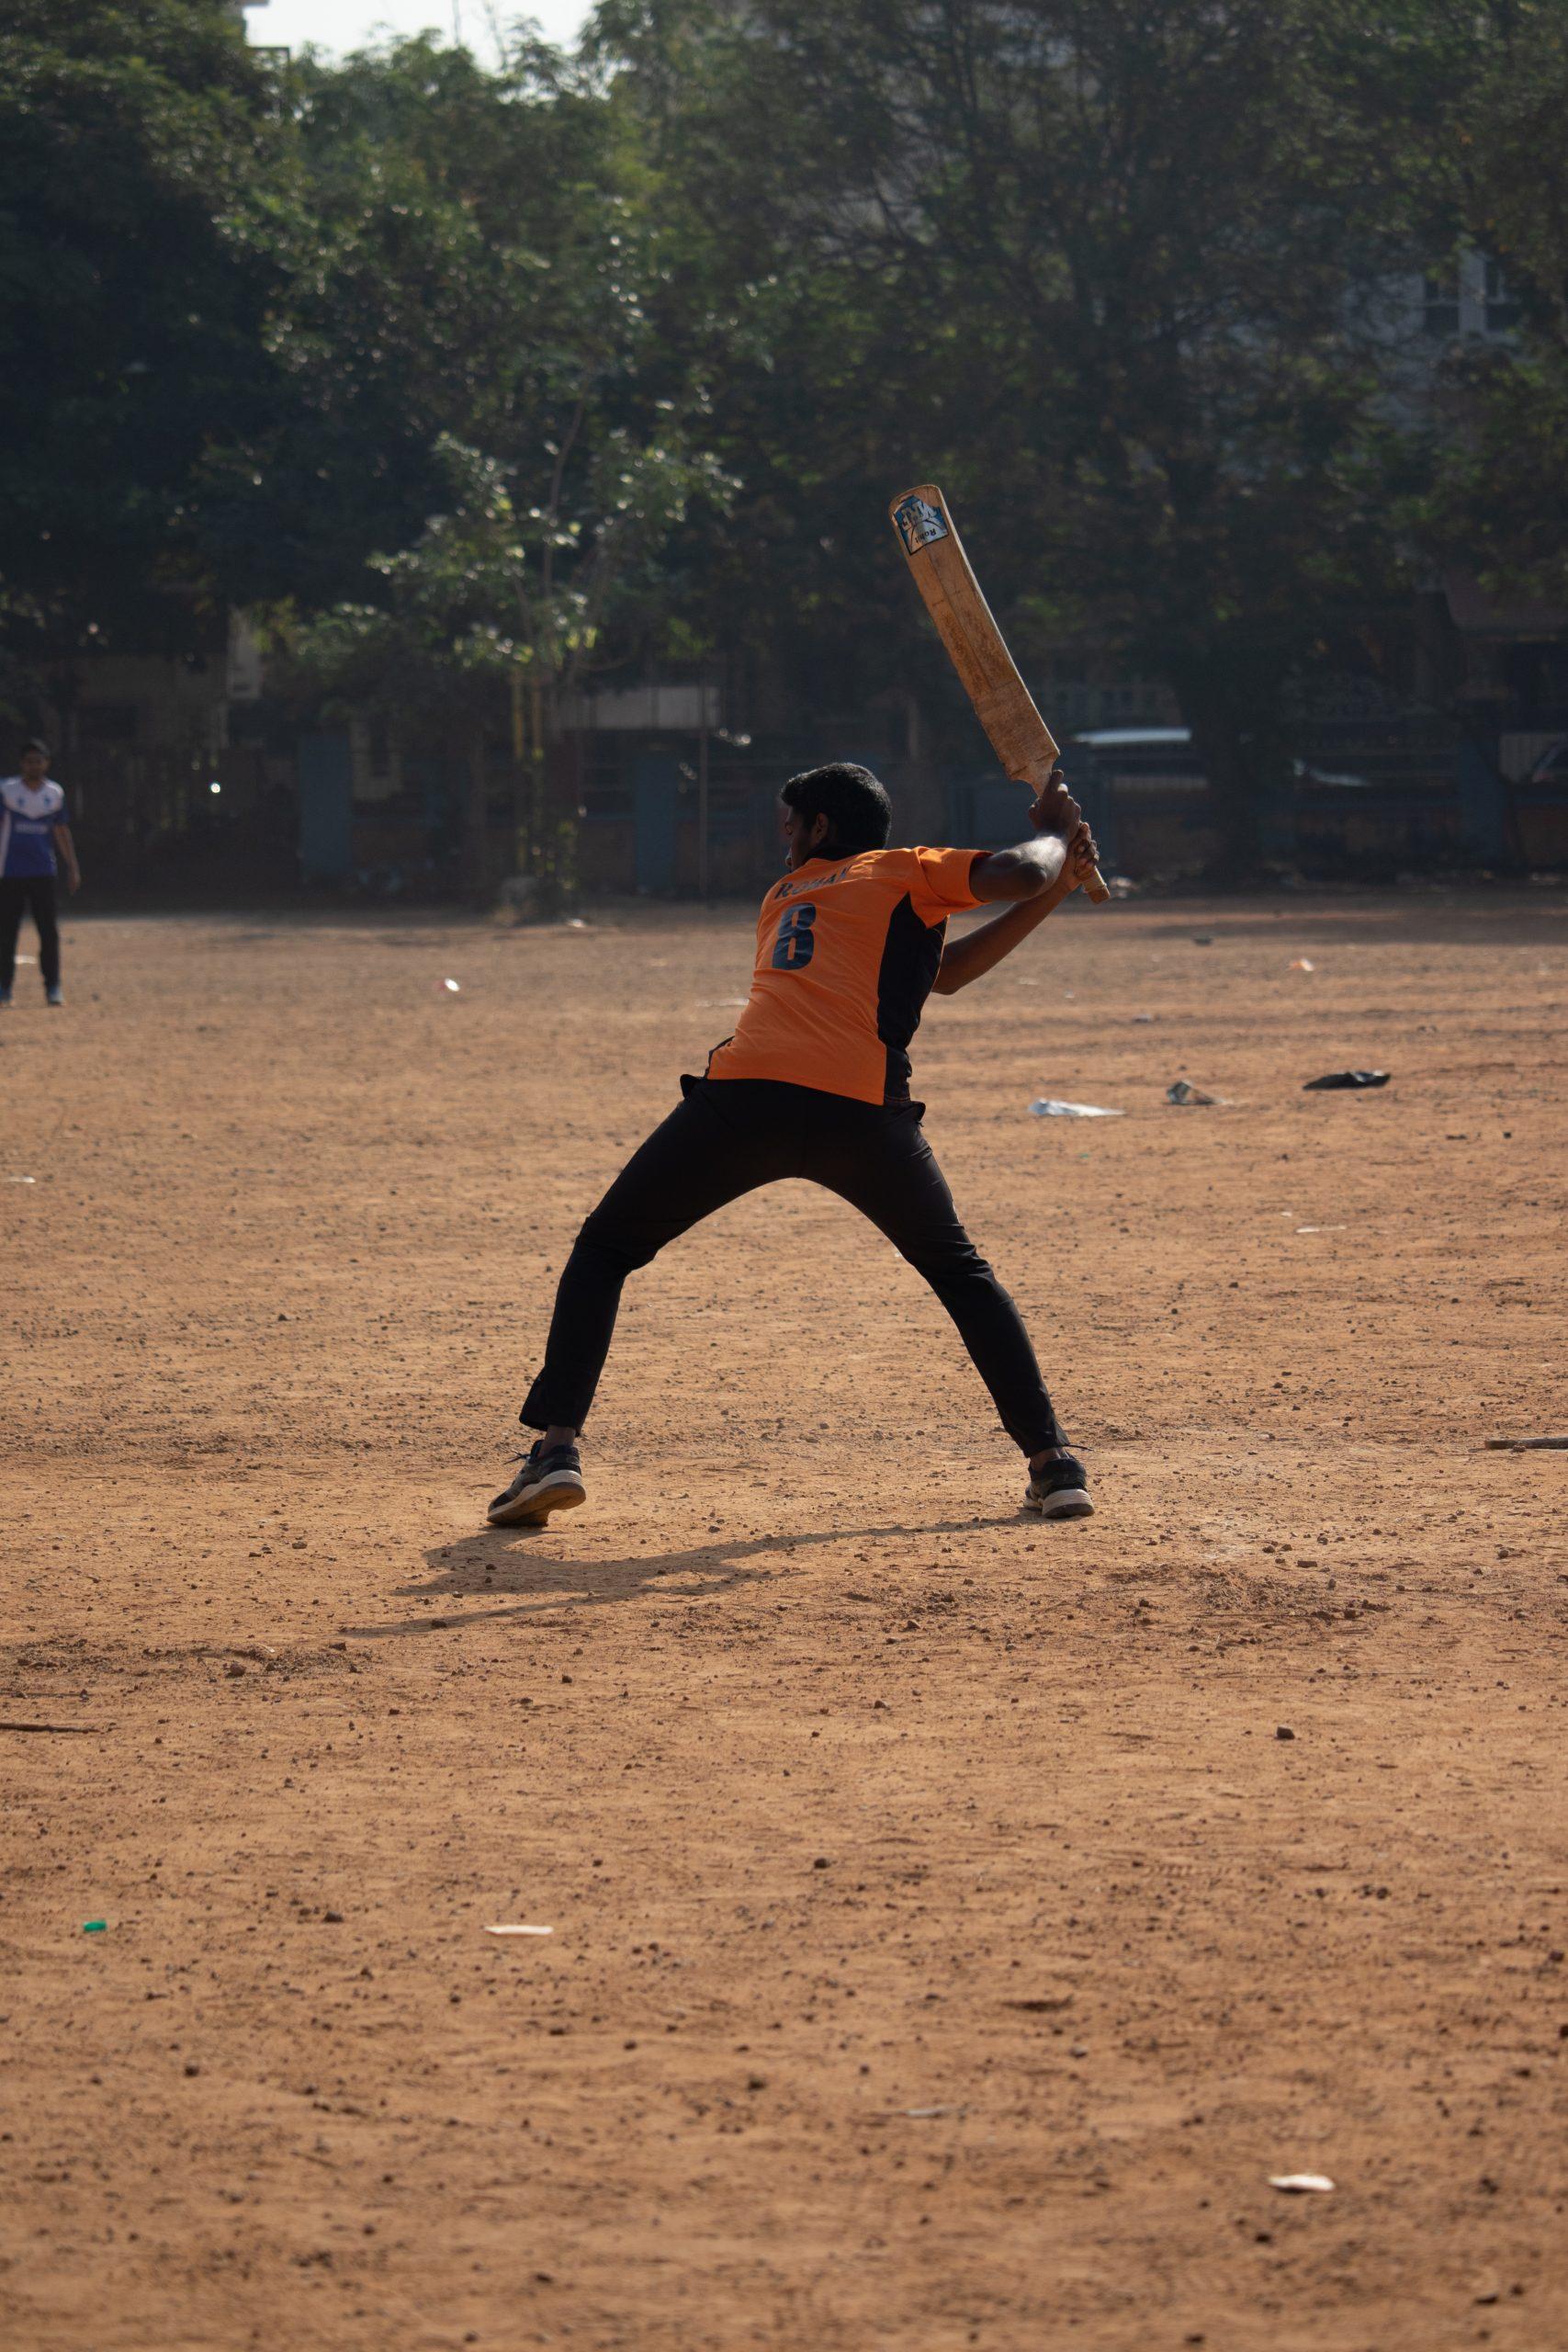 Batsman in action